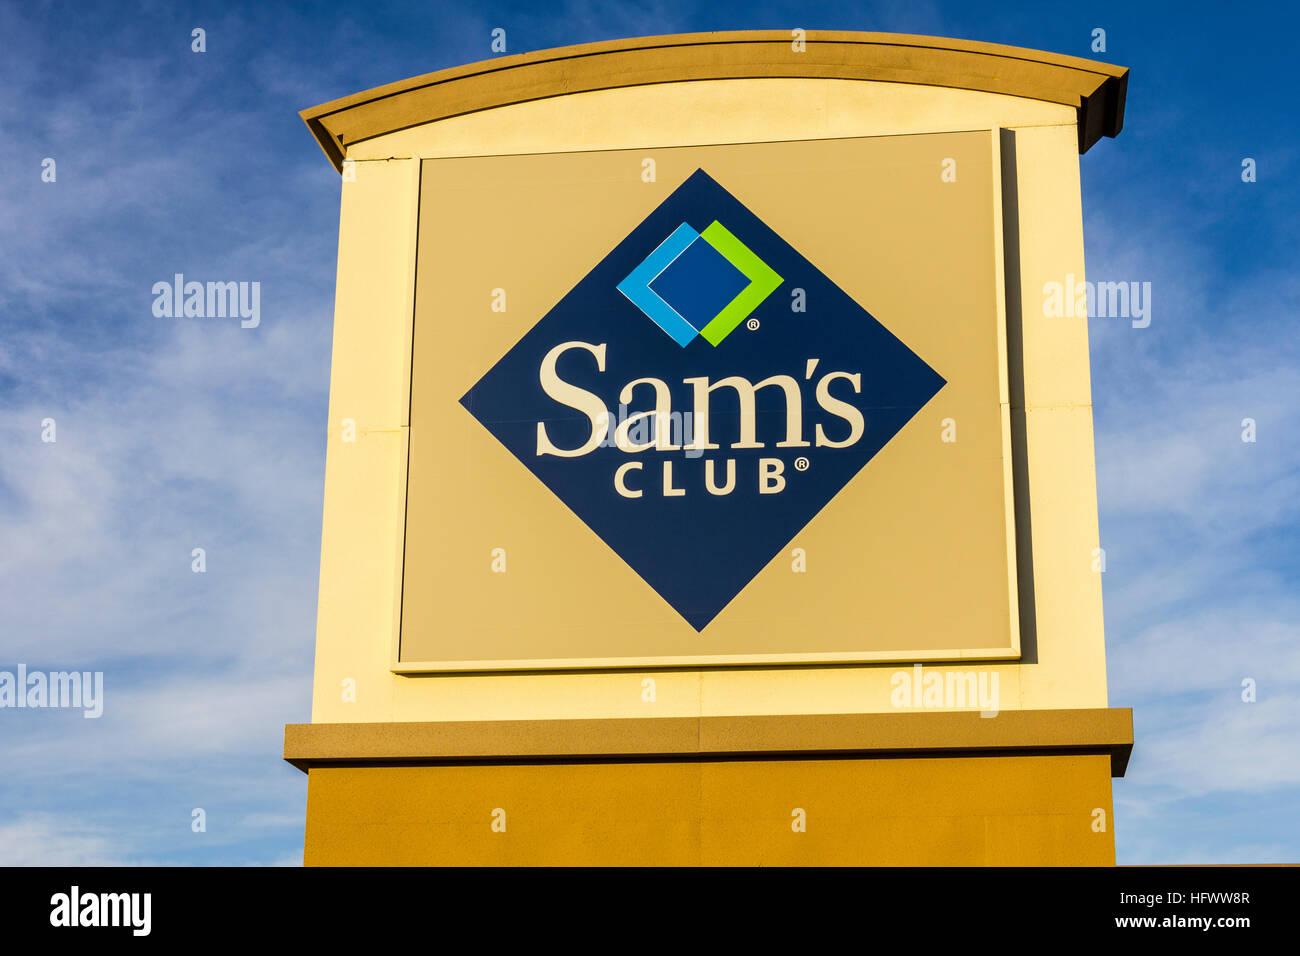 Las Vegas - Circa Diciembre 2016: Almacén de Sam's Club Logo y carteles. Sam's Club es una cadena de Imagen De Stock